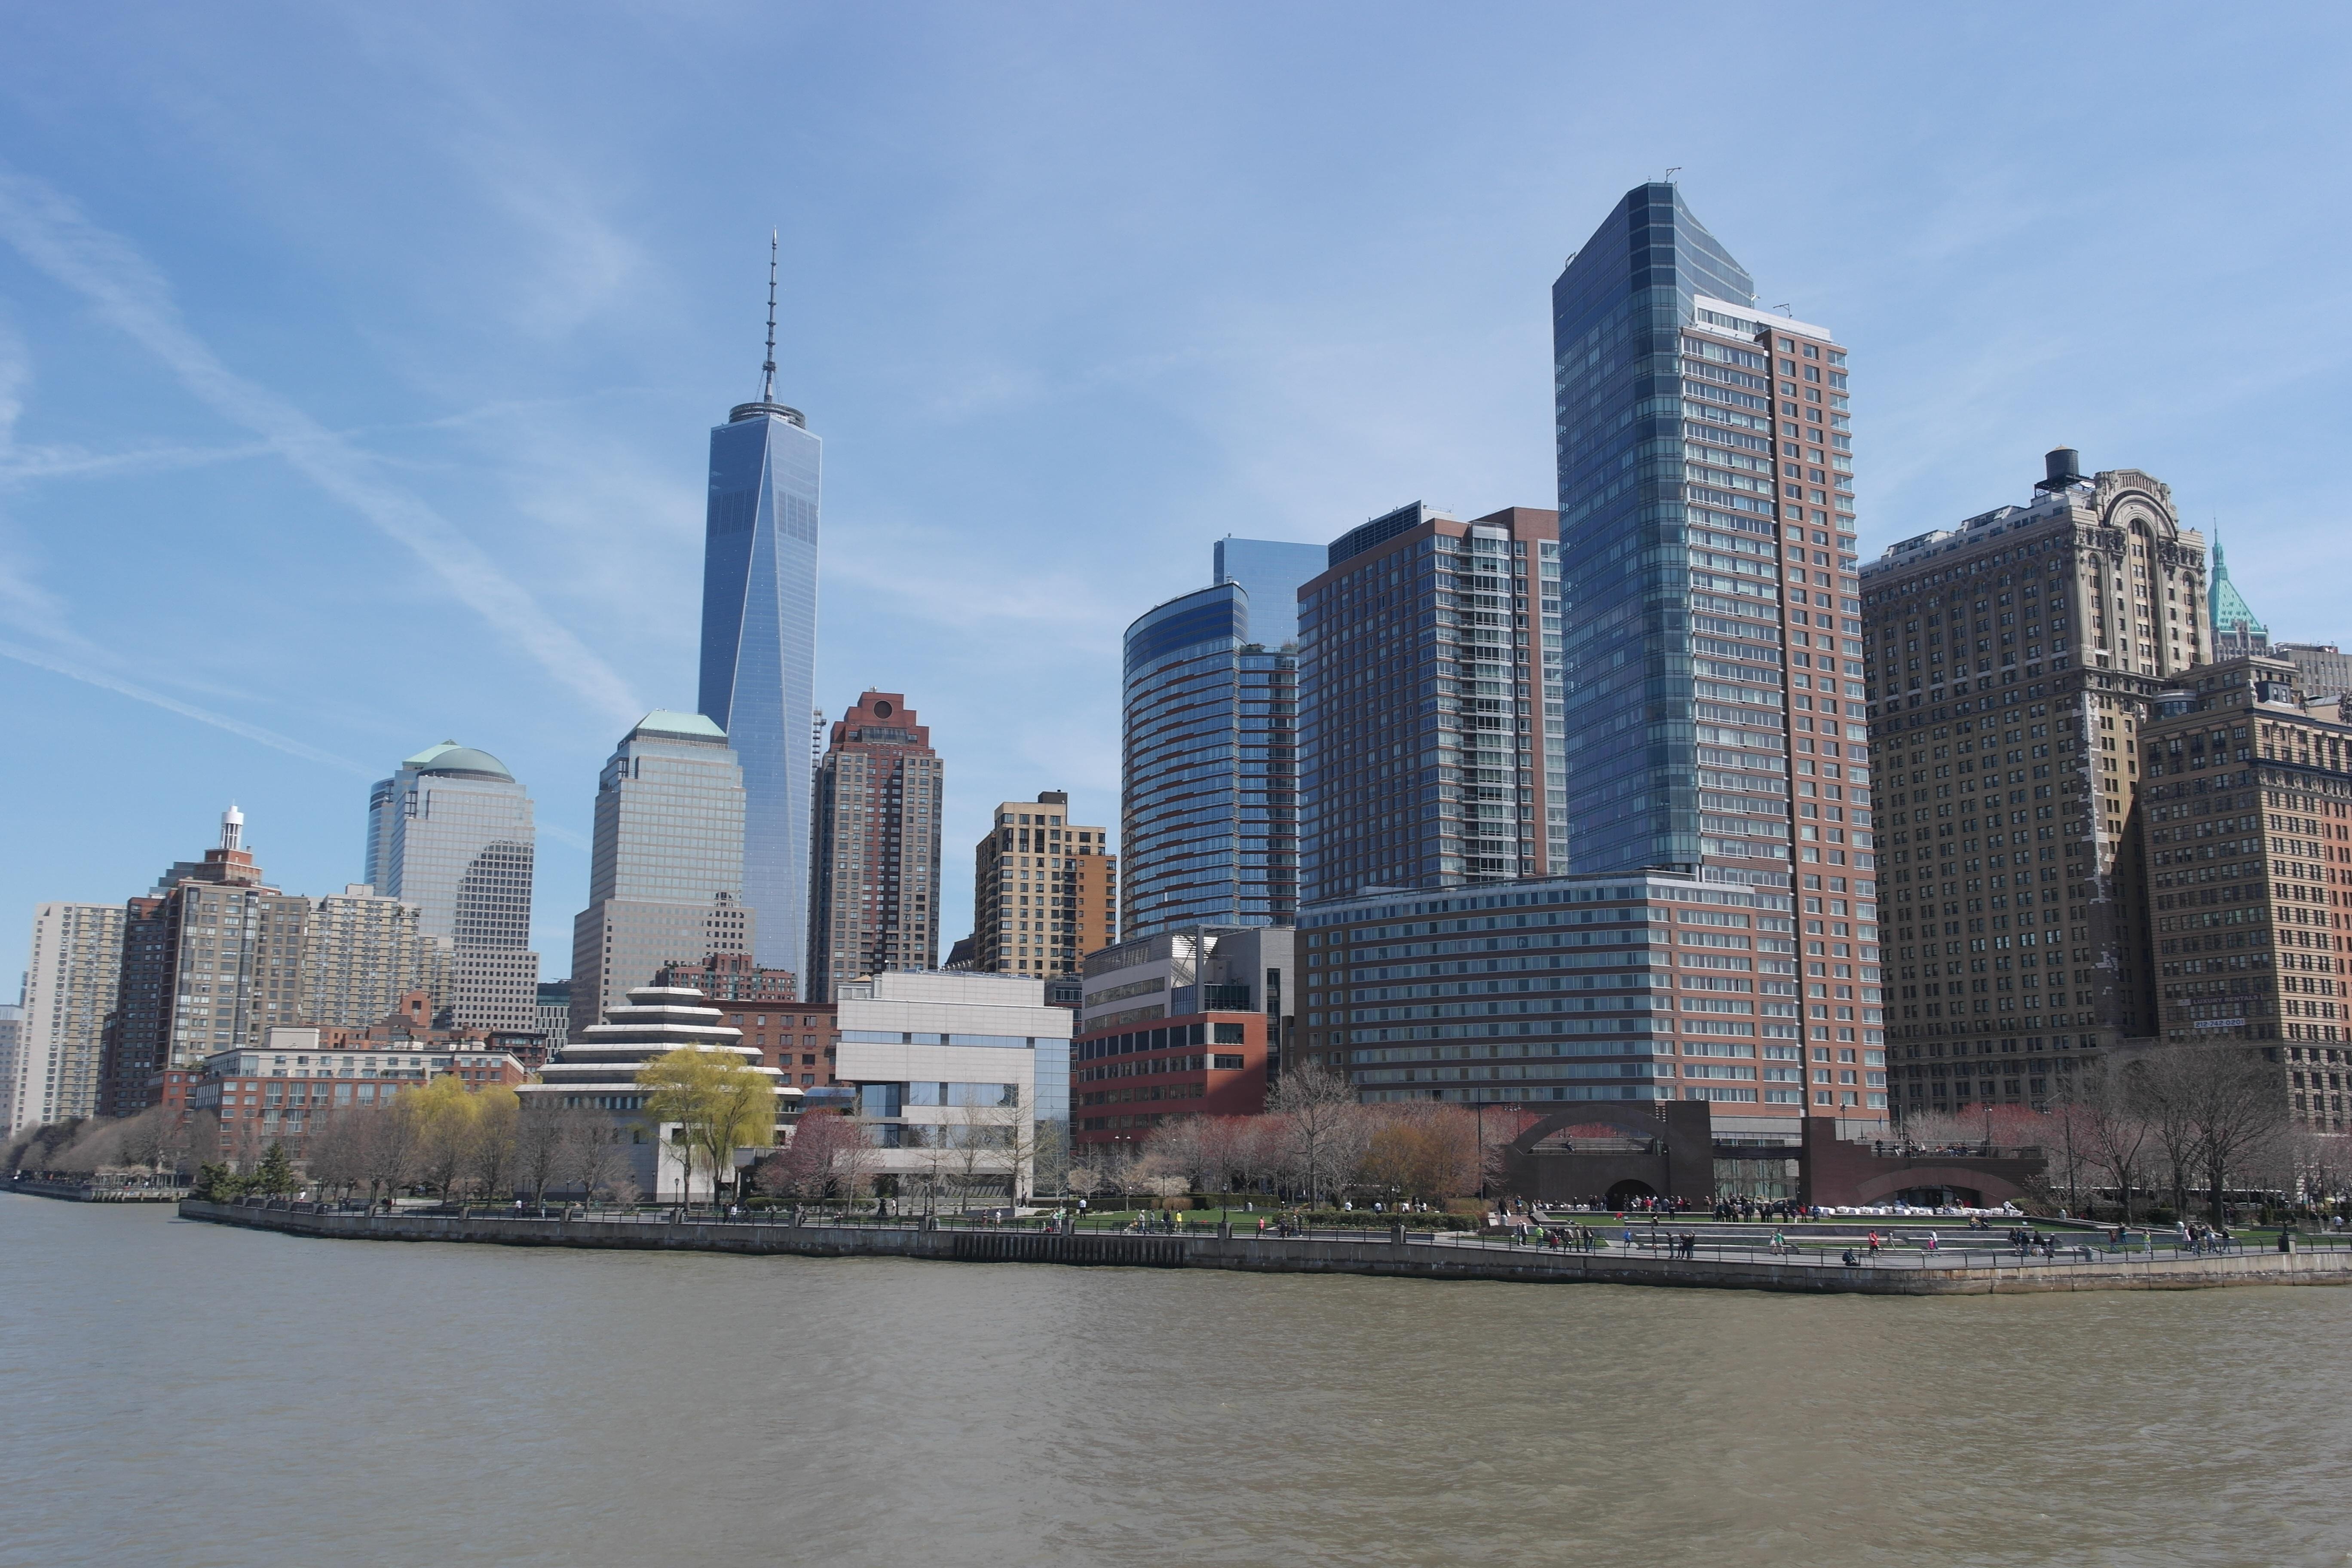 fotos gratis horizonte rascacielos nueva york ro paisaje urbano centro de la ciudad torre baha punto de referencia puerto camino acutico